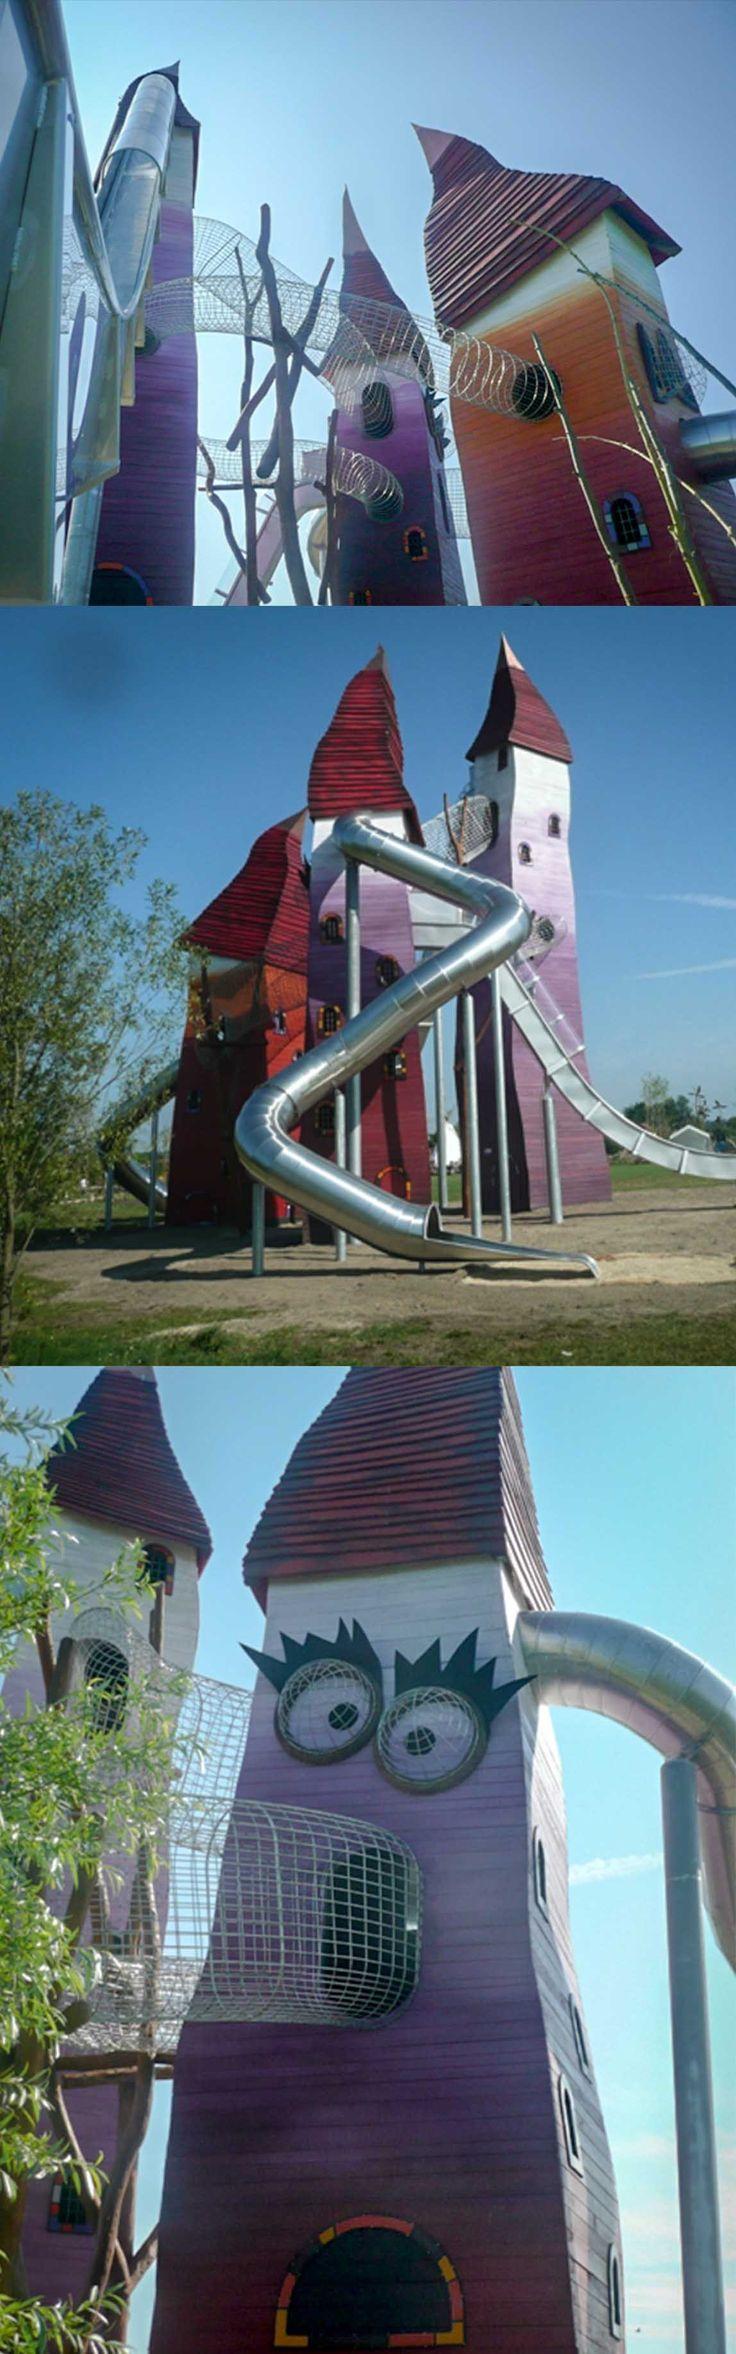 This unique imaginative playground with towers and slides was build by our creative wood design company in Storkow in 2011. Dieser einzigartige fantasievolle Holz-Spielplatz - mit Rutschentürmen wurde durch unsere künstlerische Holzgestaltung im Jahr 2011 in Sorkow errichtet. #Robinie #Robinienholz #Türme #Spielturm #Rutsche #Spielanlage #Spielplatz #Spaß #Abenteuer #Fantasie #robinia #robiniawood #playground #playfield #park #woodenpark #slide #tower #roleplay #fun #fantasy #slide